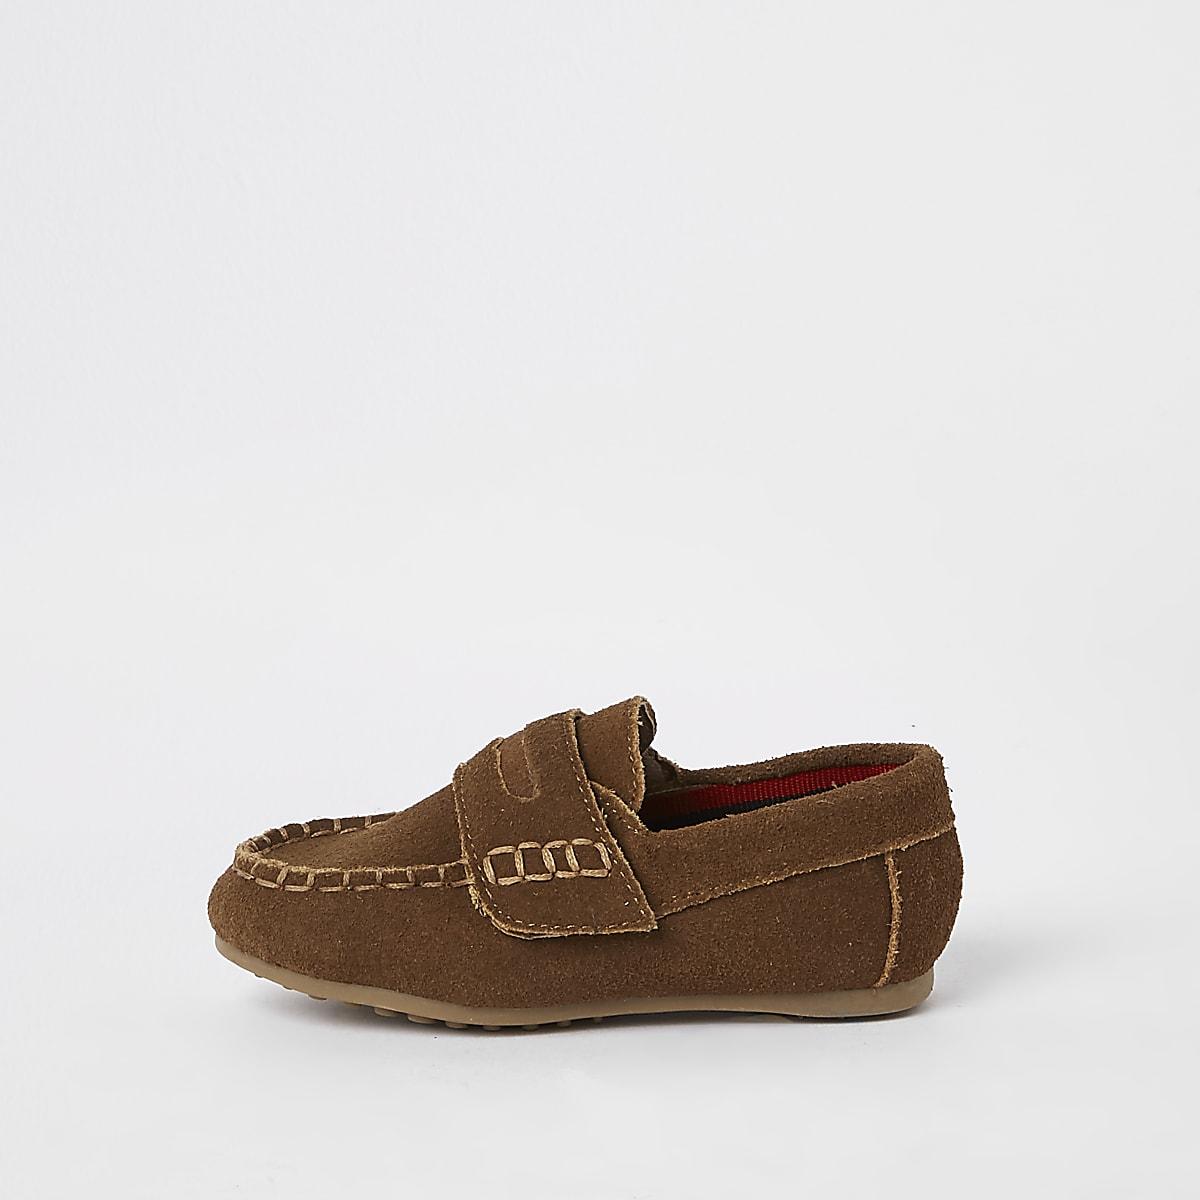 Mini - Lichtbruine loafers met klittenband voor jongens